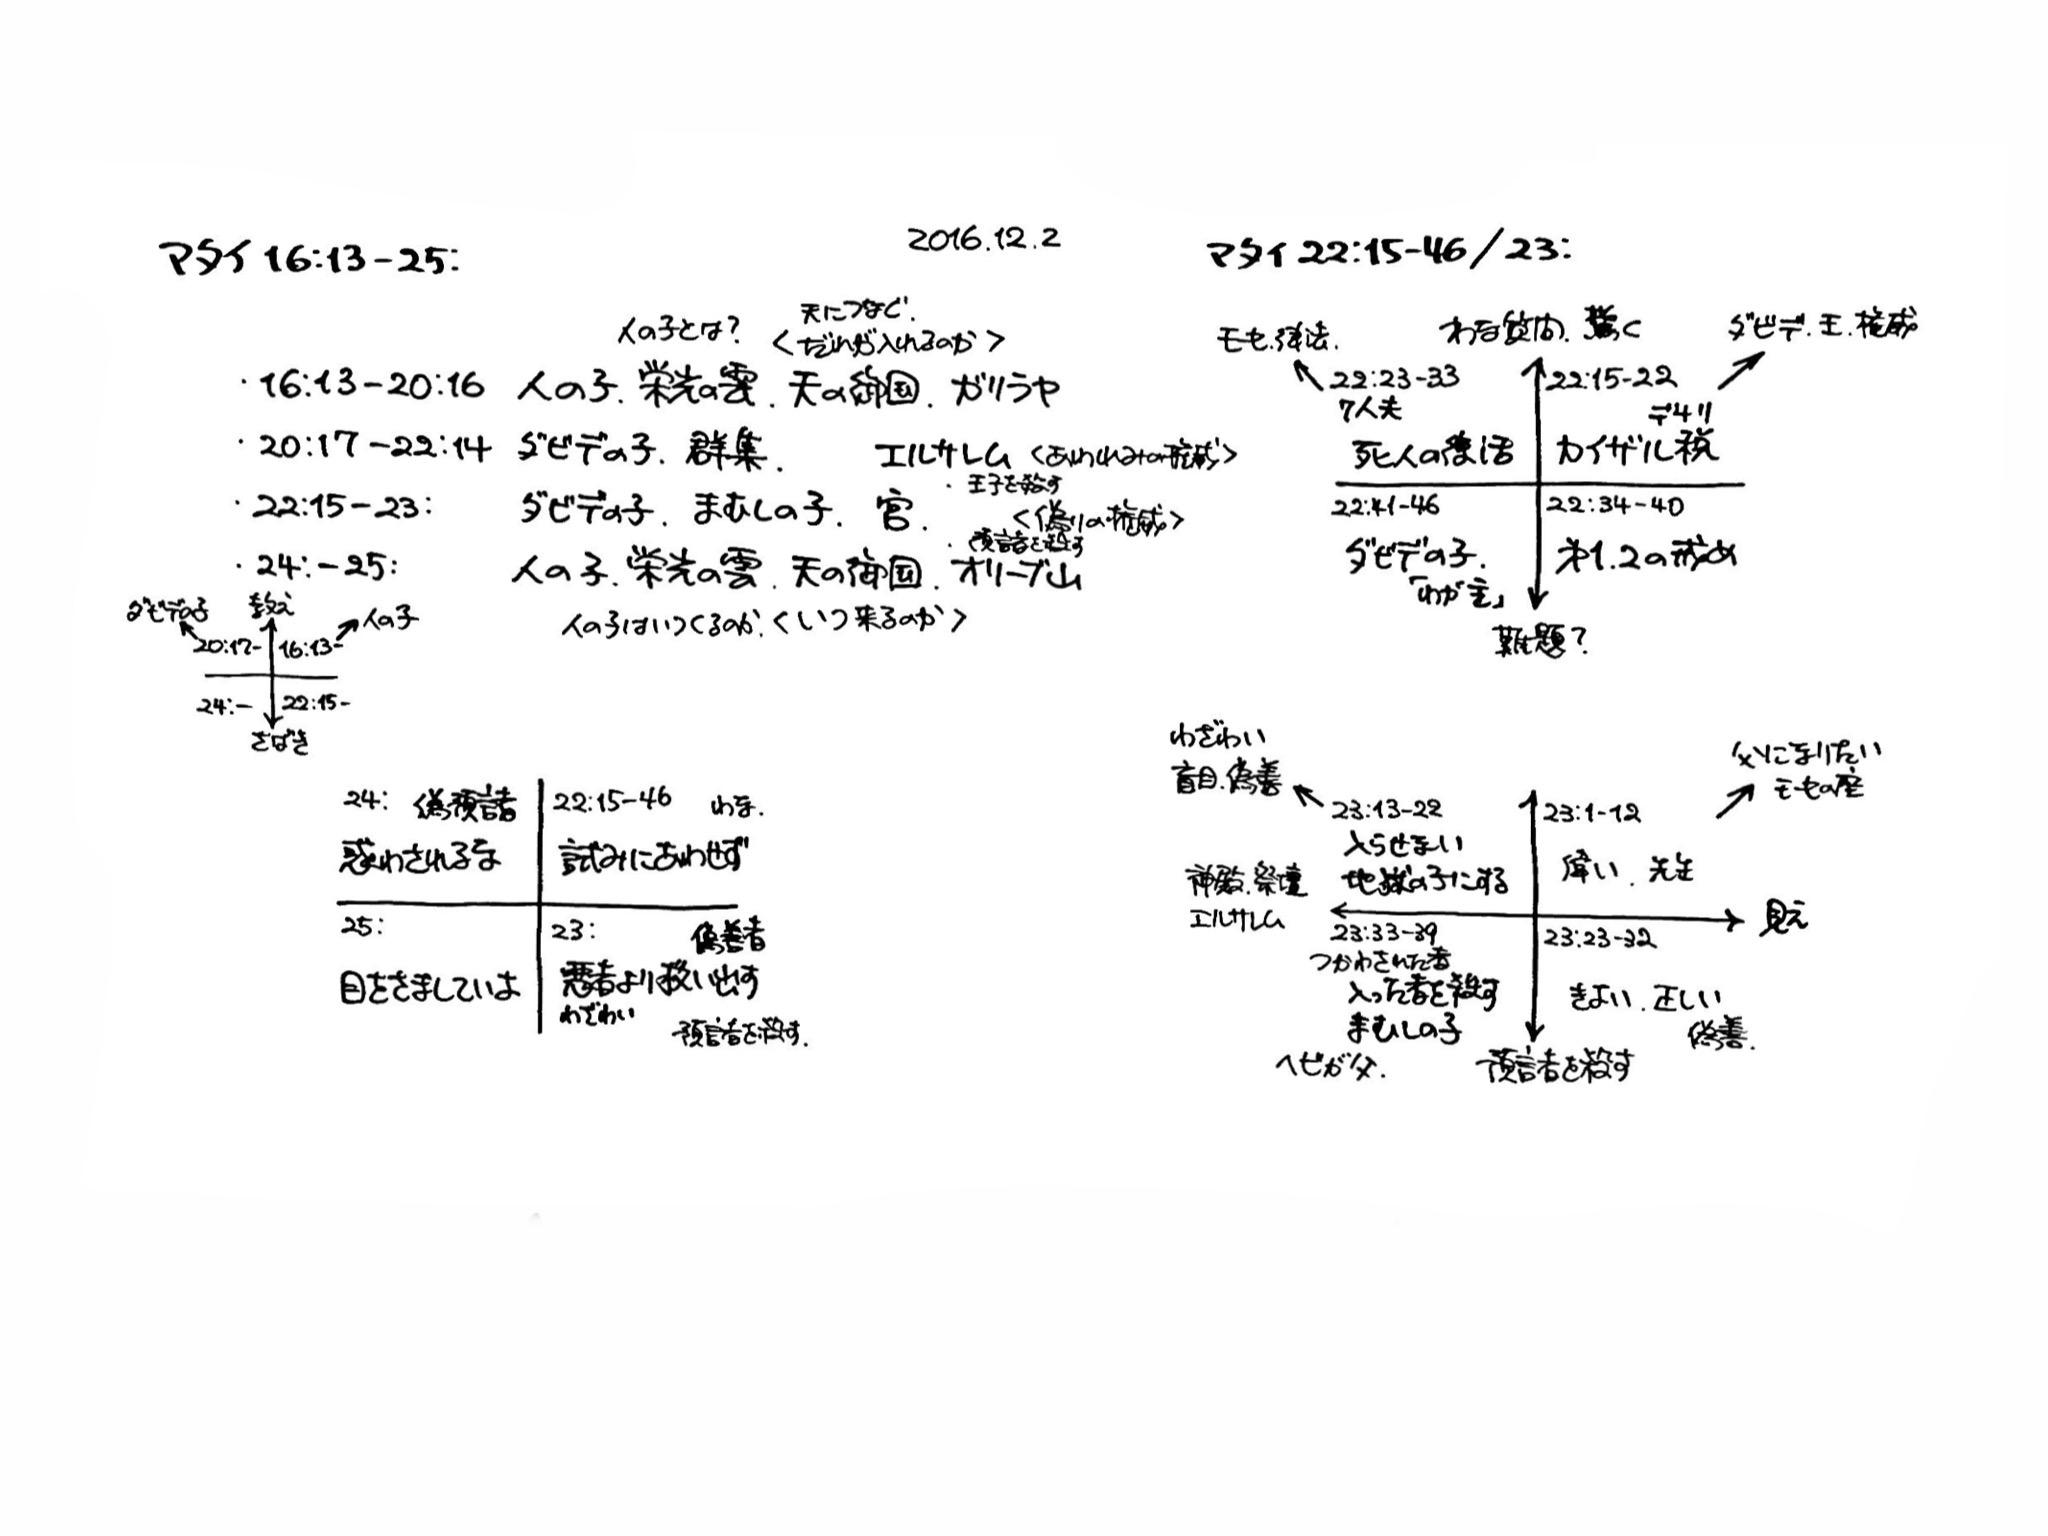 マタイ福音書 16-25章の構造分析